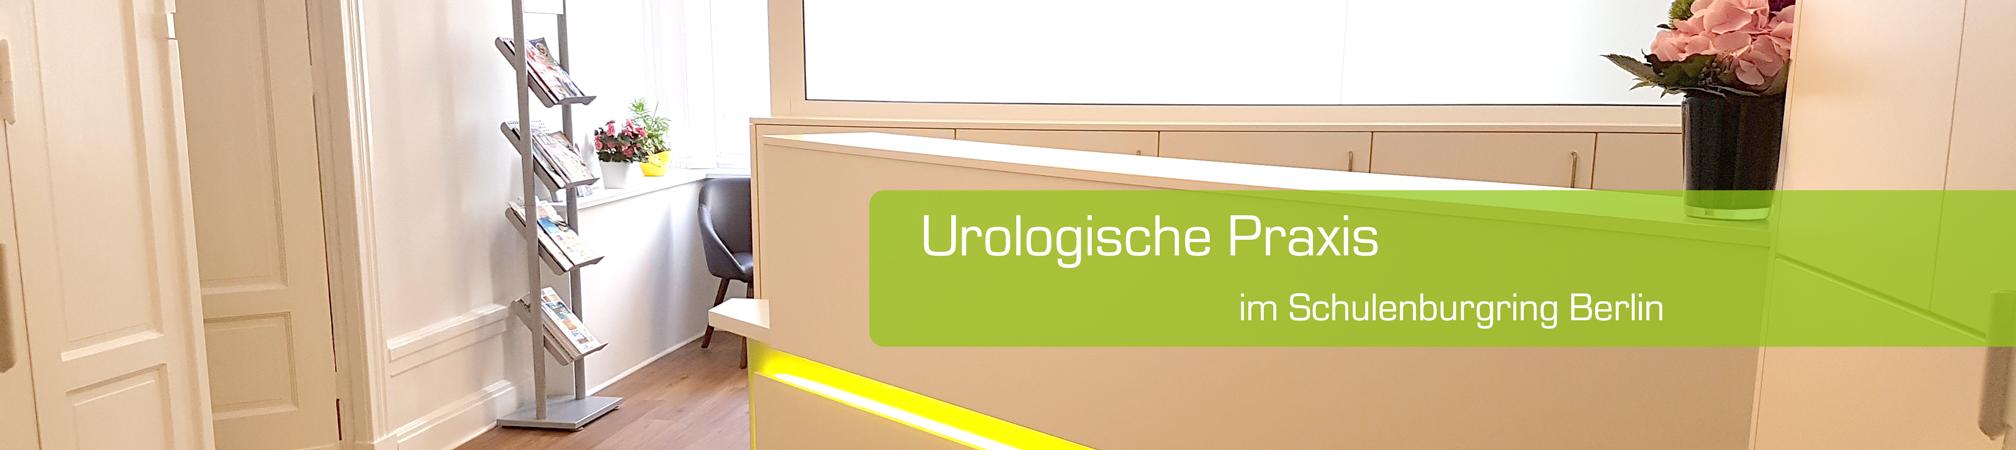 urologische-praxis-liberti